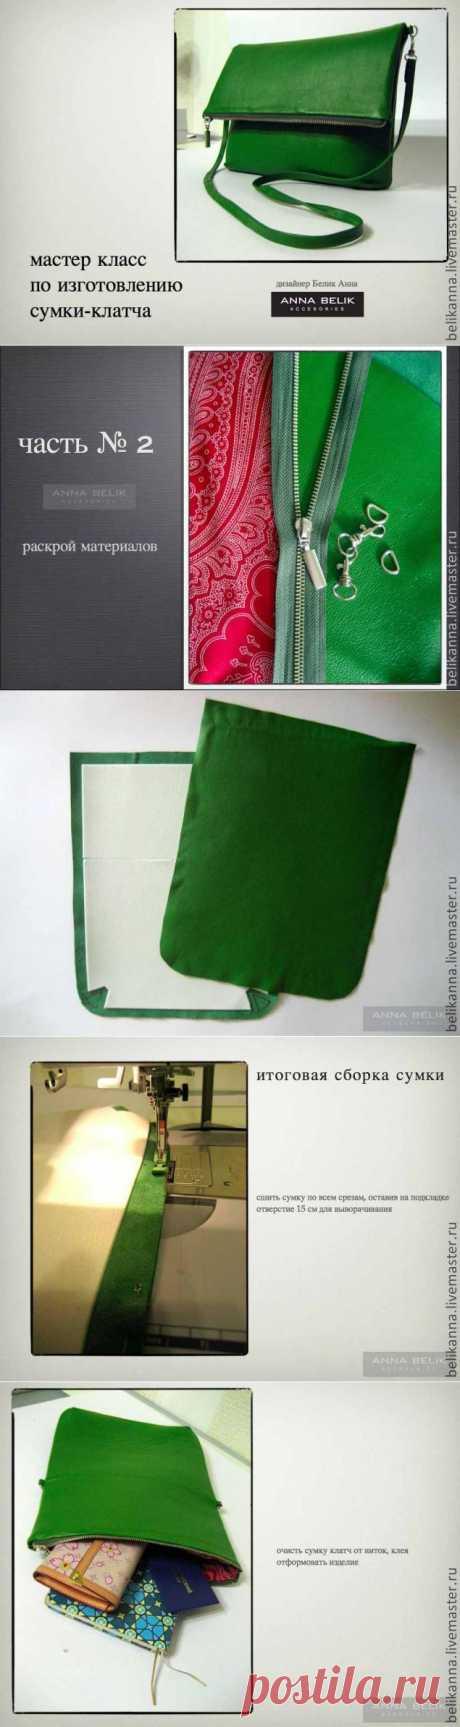 сумка-клатч из кожи. от лекала до пошива.